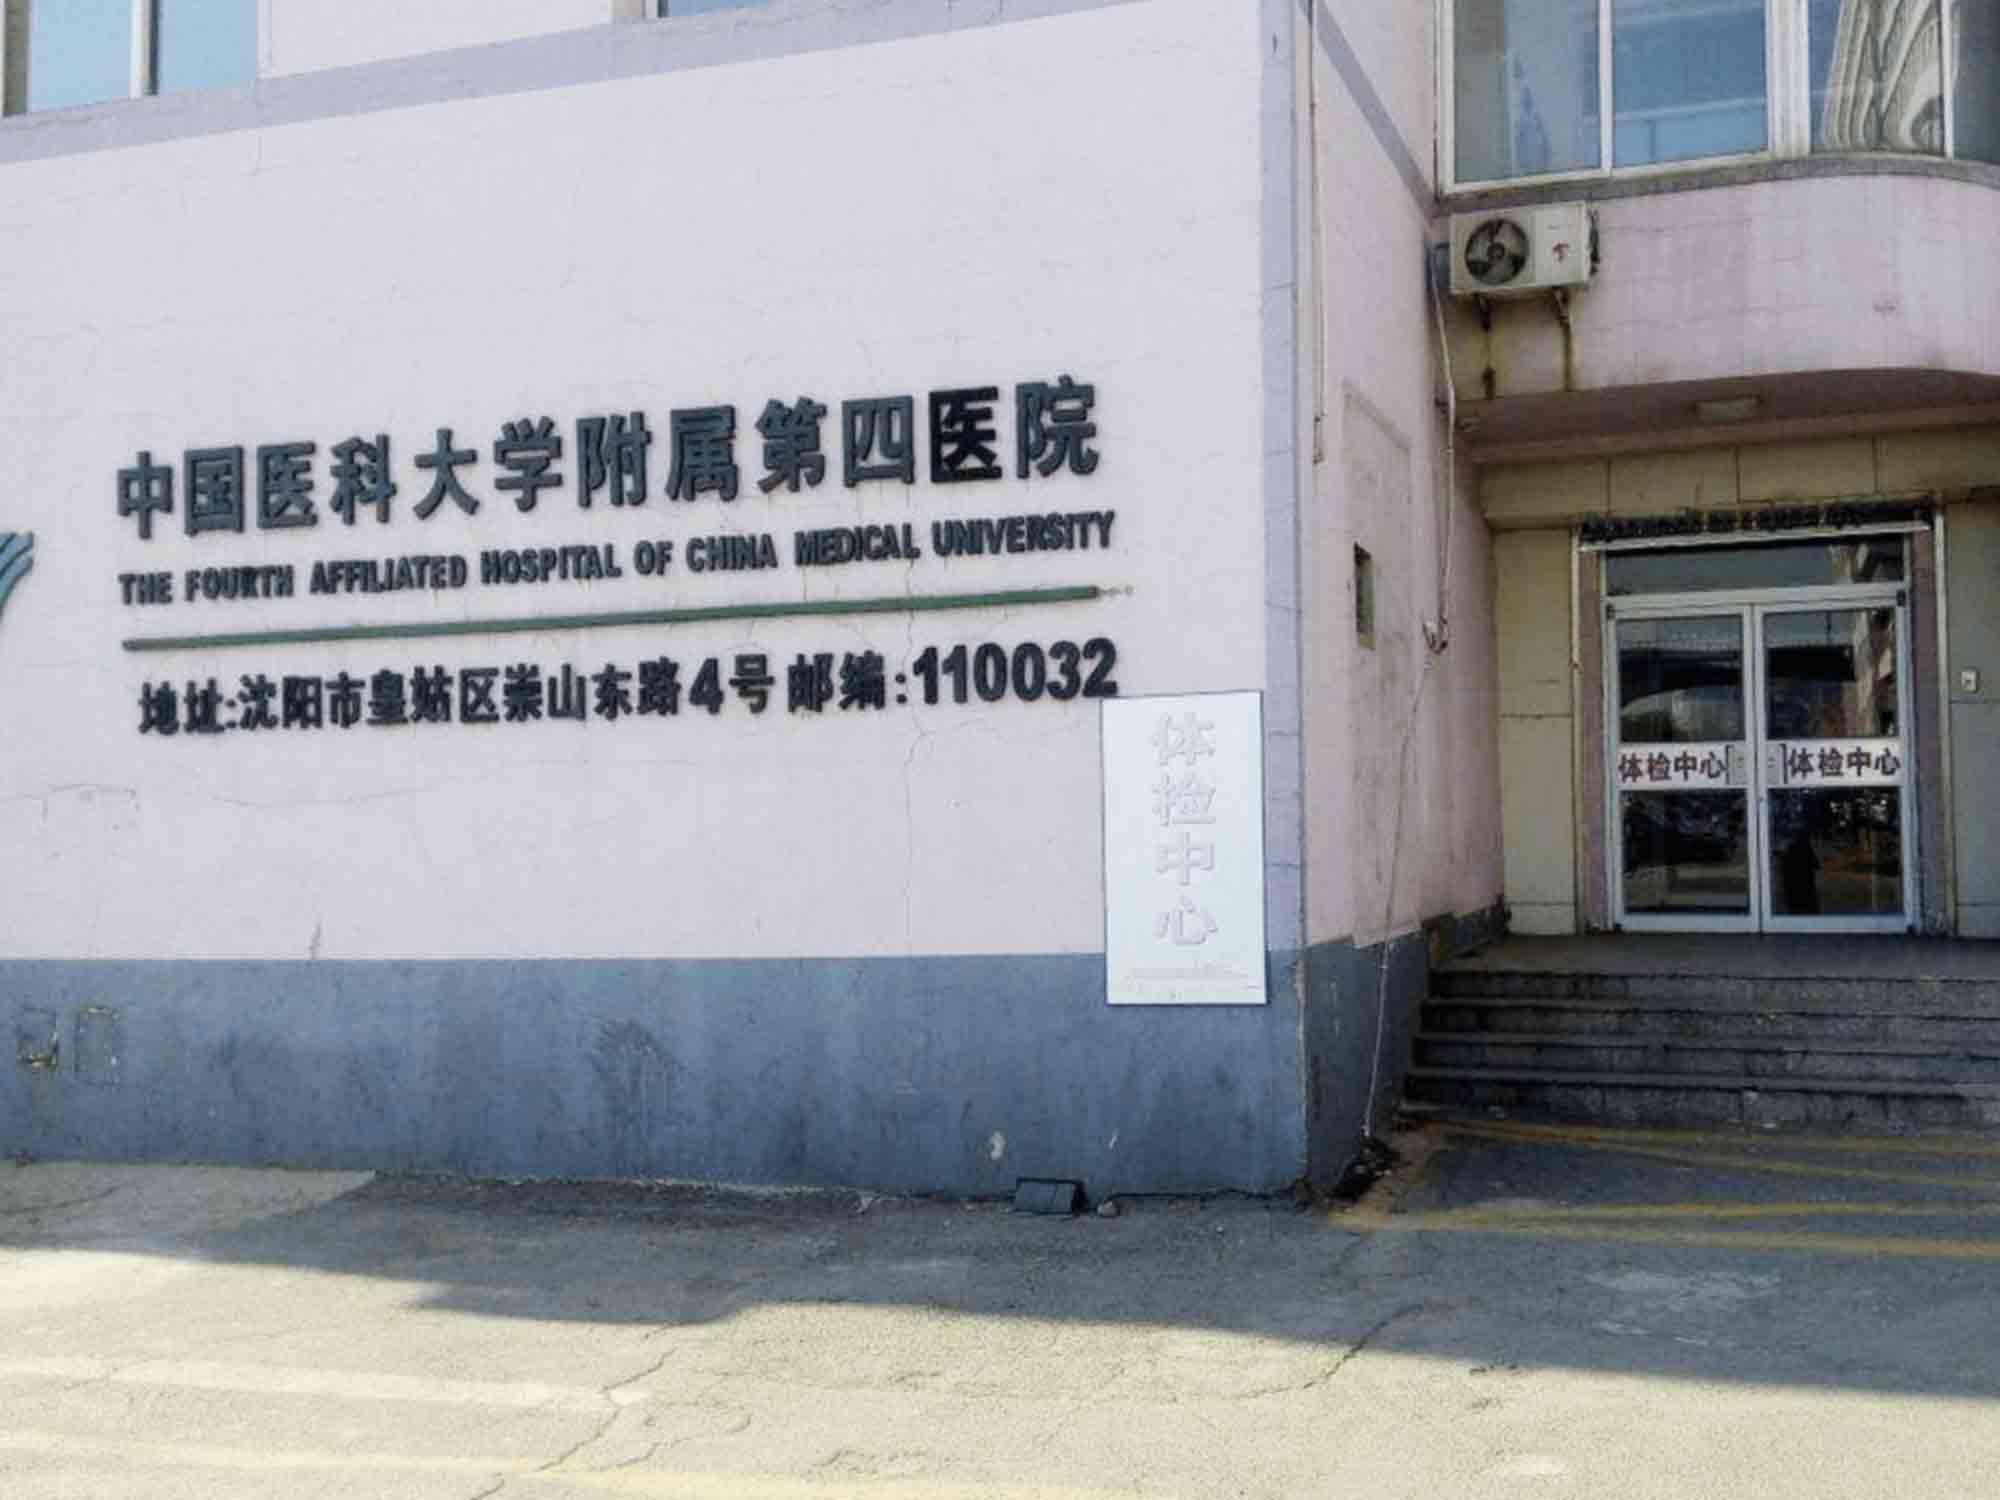 中国医科大学附属第四医院体检中心